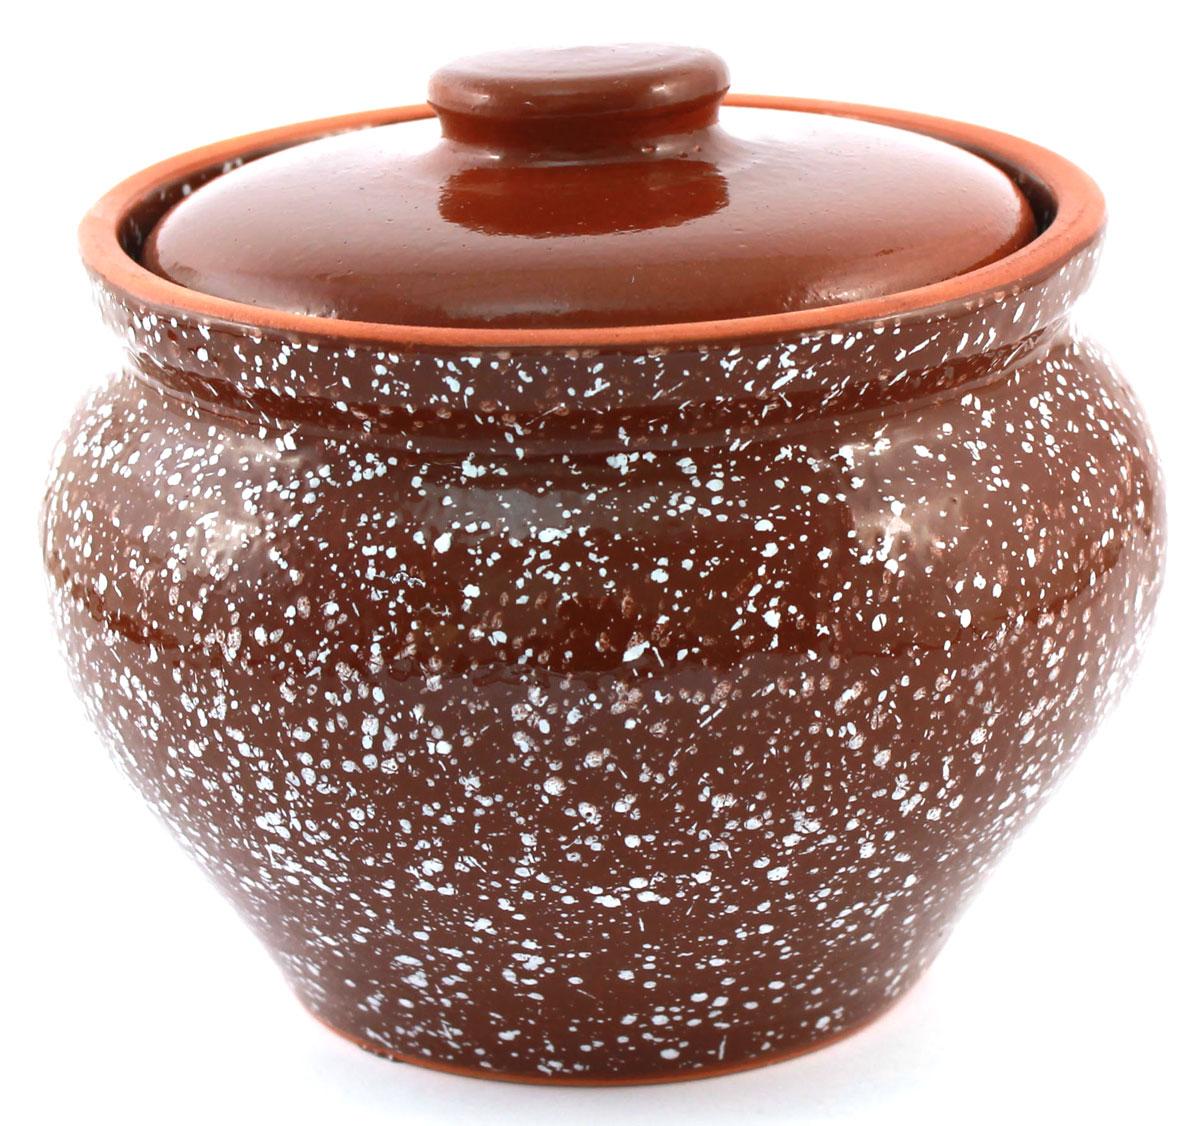 Горшок для запекания Ломоносовская керамика, с крышкой, цвет: коричневый мрамор, 800 мл1Г3мк-11Горшок для запекания Ломоносовская керамика с крышкой выполнен из высококачественной глины. Уникальные свойства глины и толстые стенки изделия обеспечивают эффект русской печи при приготовлении блюд. Блюда, приготовленные в керамическом горшке, получаются нежными и сочными. Вы сможете приготовить мясо, сделать томленые овощи и все это без капли масла. Это один из самых здоровых способов готовки.